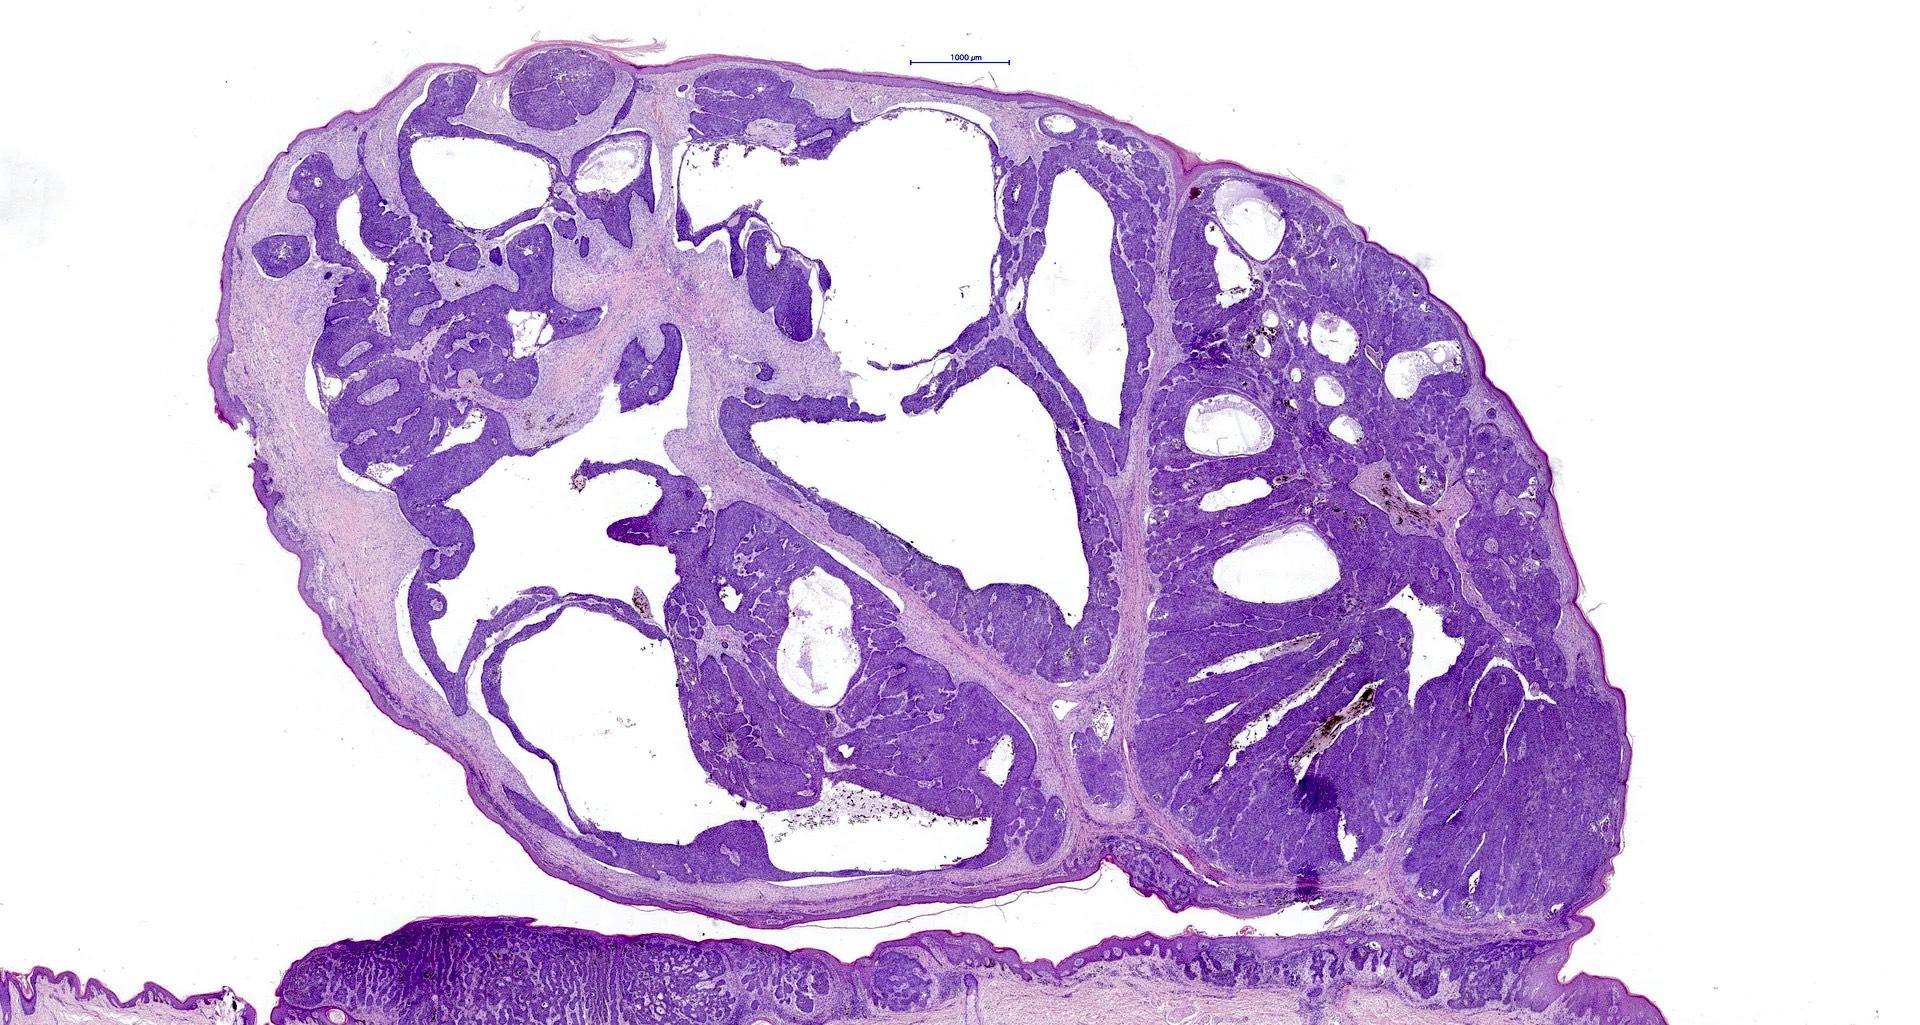 Nodulocystic BCC